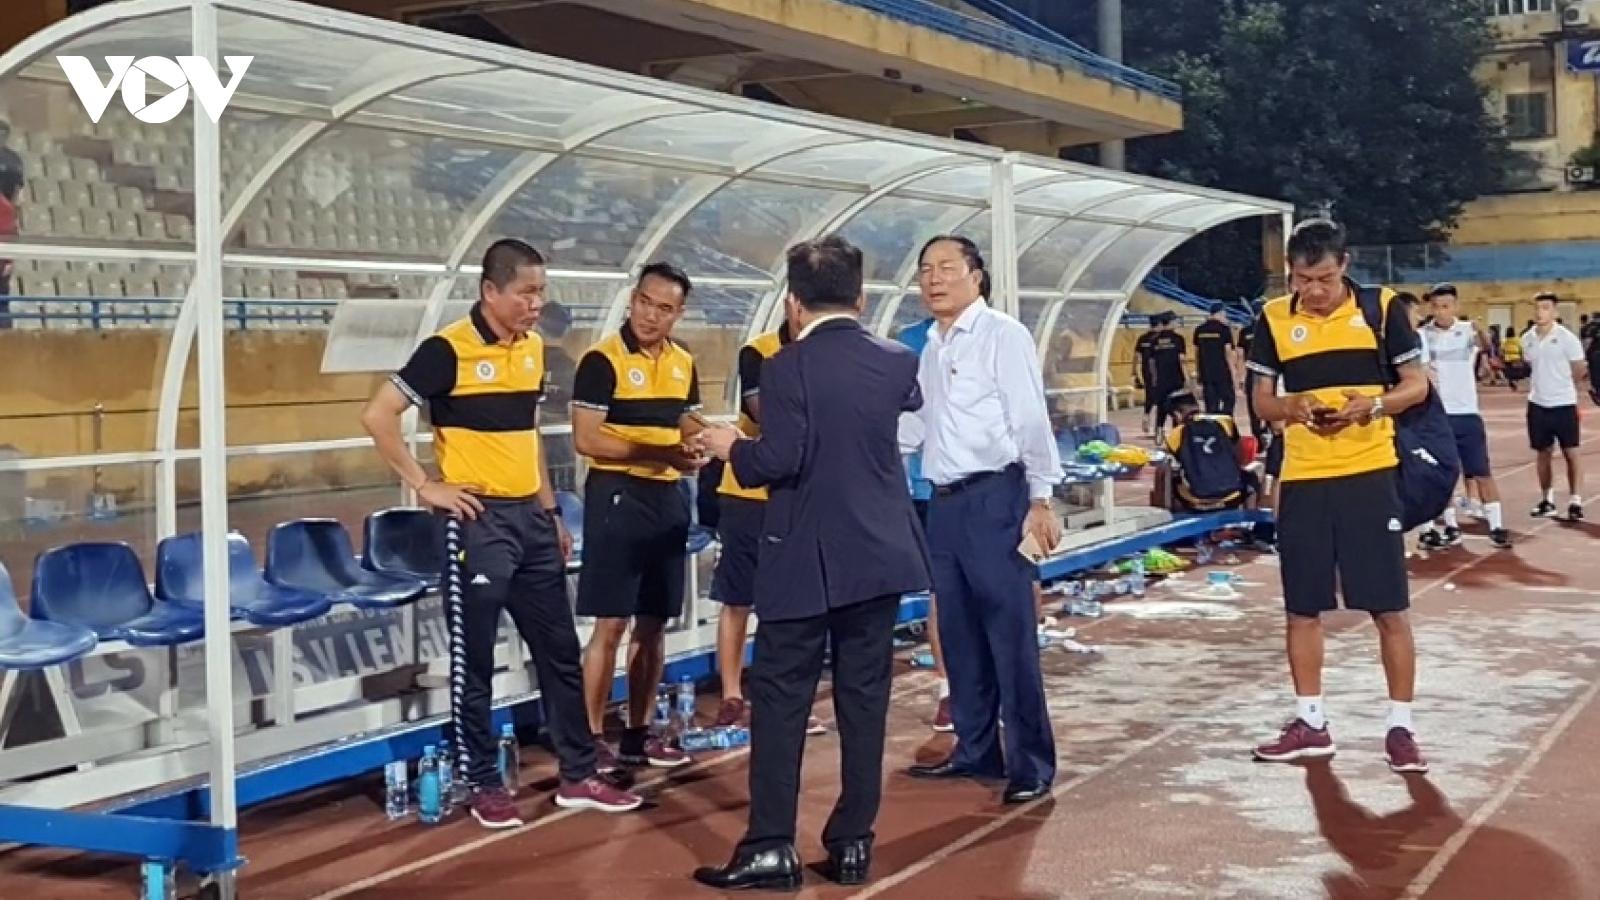 Hà Nội FC hòa Thanh Hóa, bầu Hiển nói điều bất ngờ với bầu Đệ